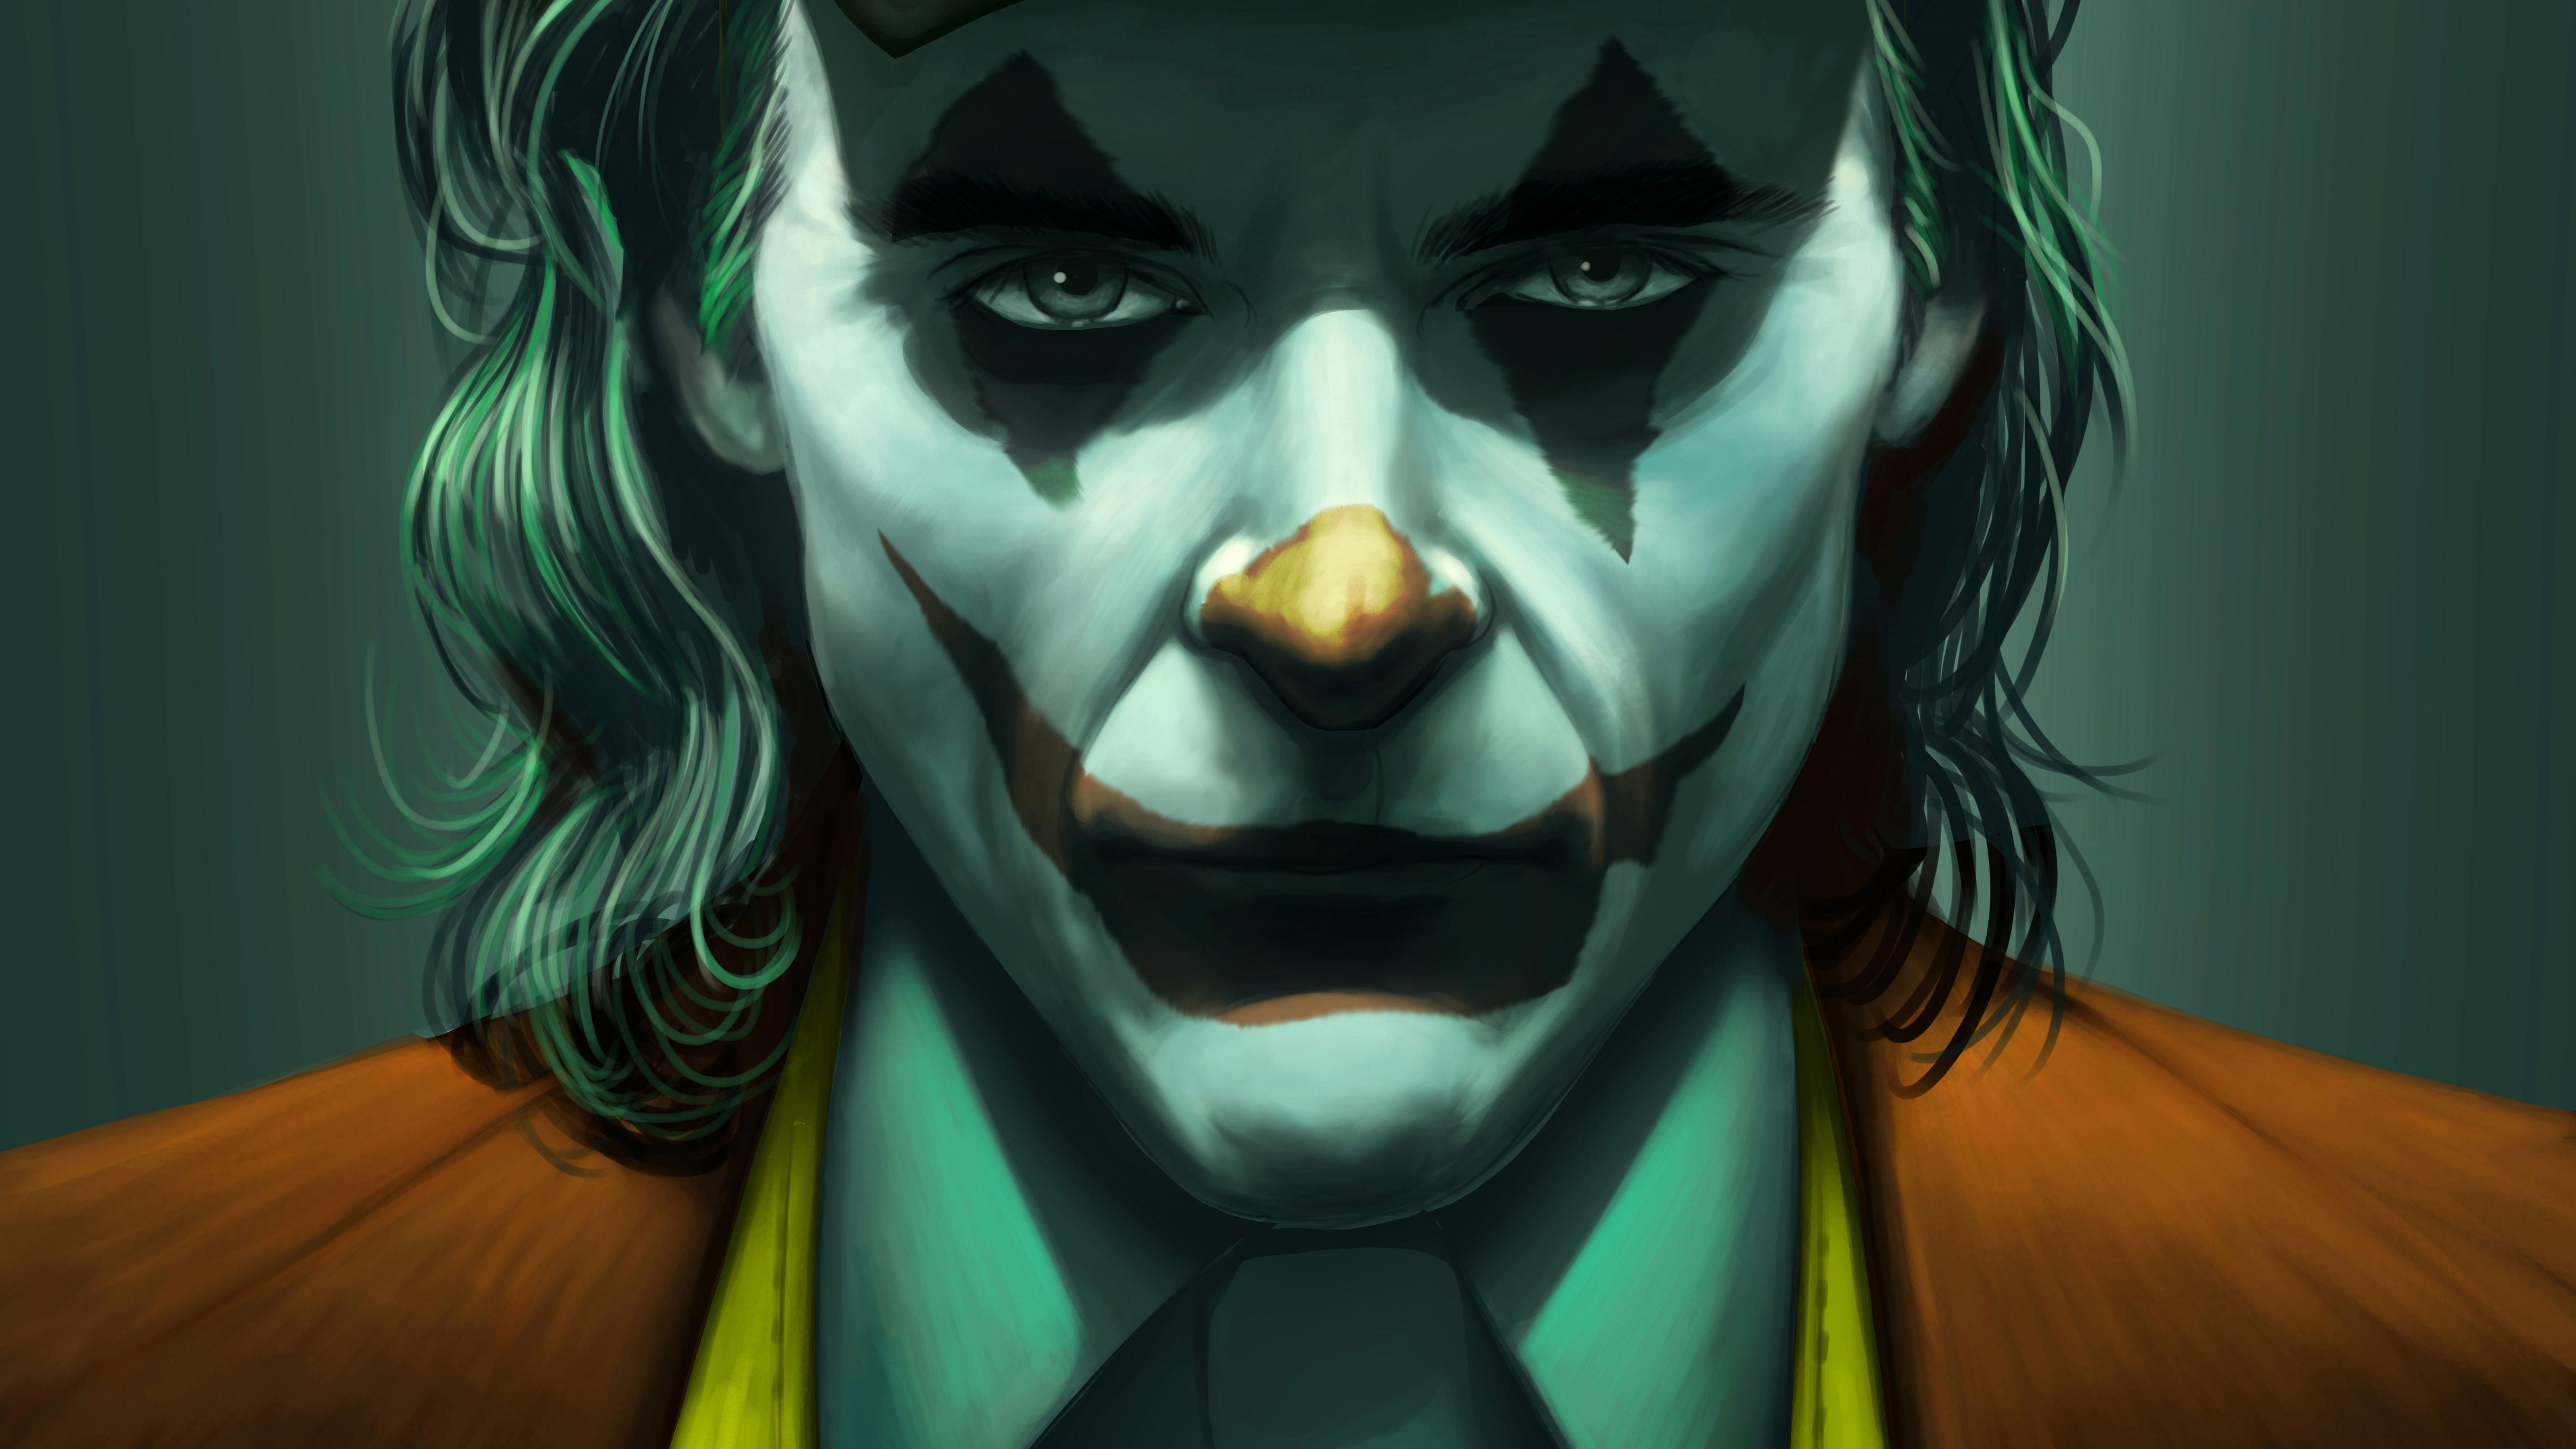 View Joker Hd Wallpaper 4K Images